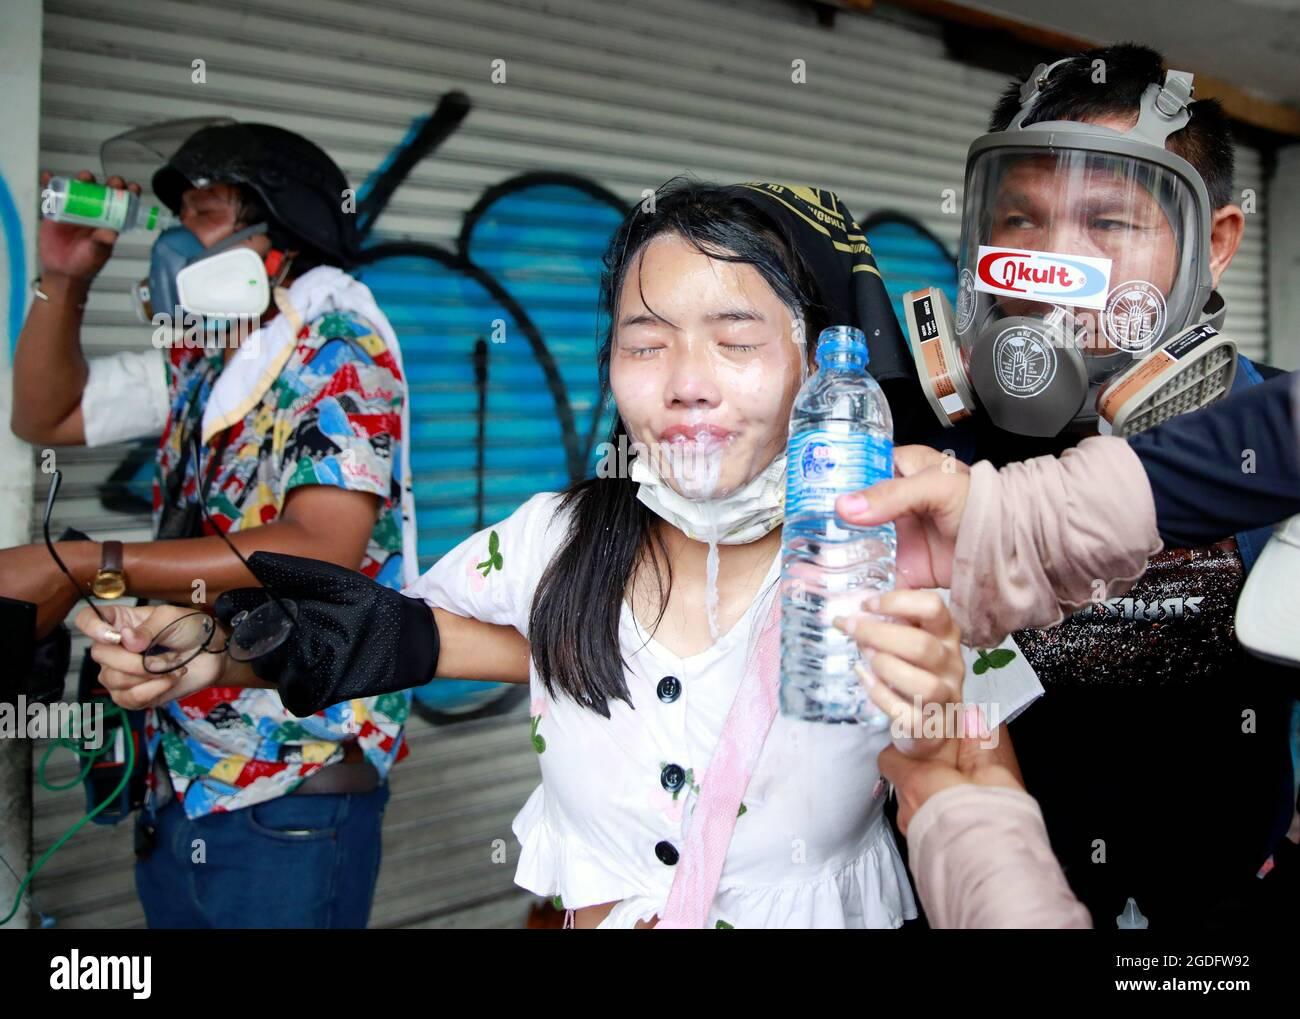 Un dimostratore riceve assistenza durante una protesta per la gestione da parte del governo della pandemia della malattia del coronavirus (COVID-19), a Bangkok, Thailandia, 13 agosto 2021. REUTERS/Soe Zeya Tun Foto Stock